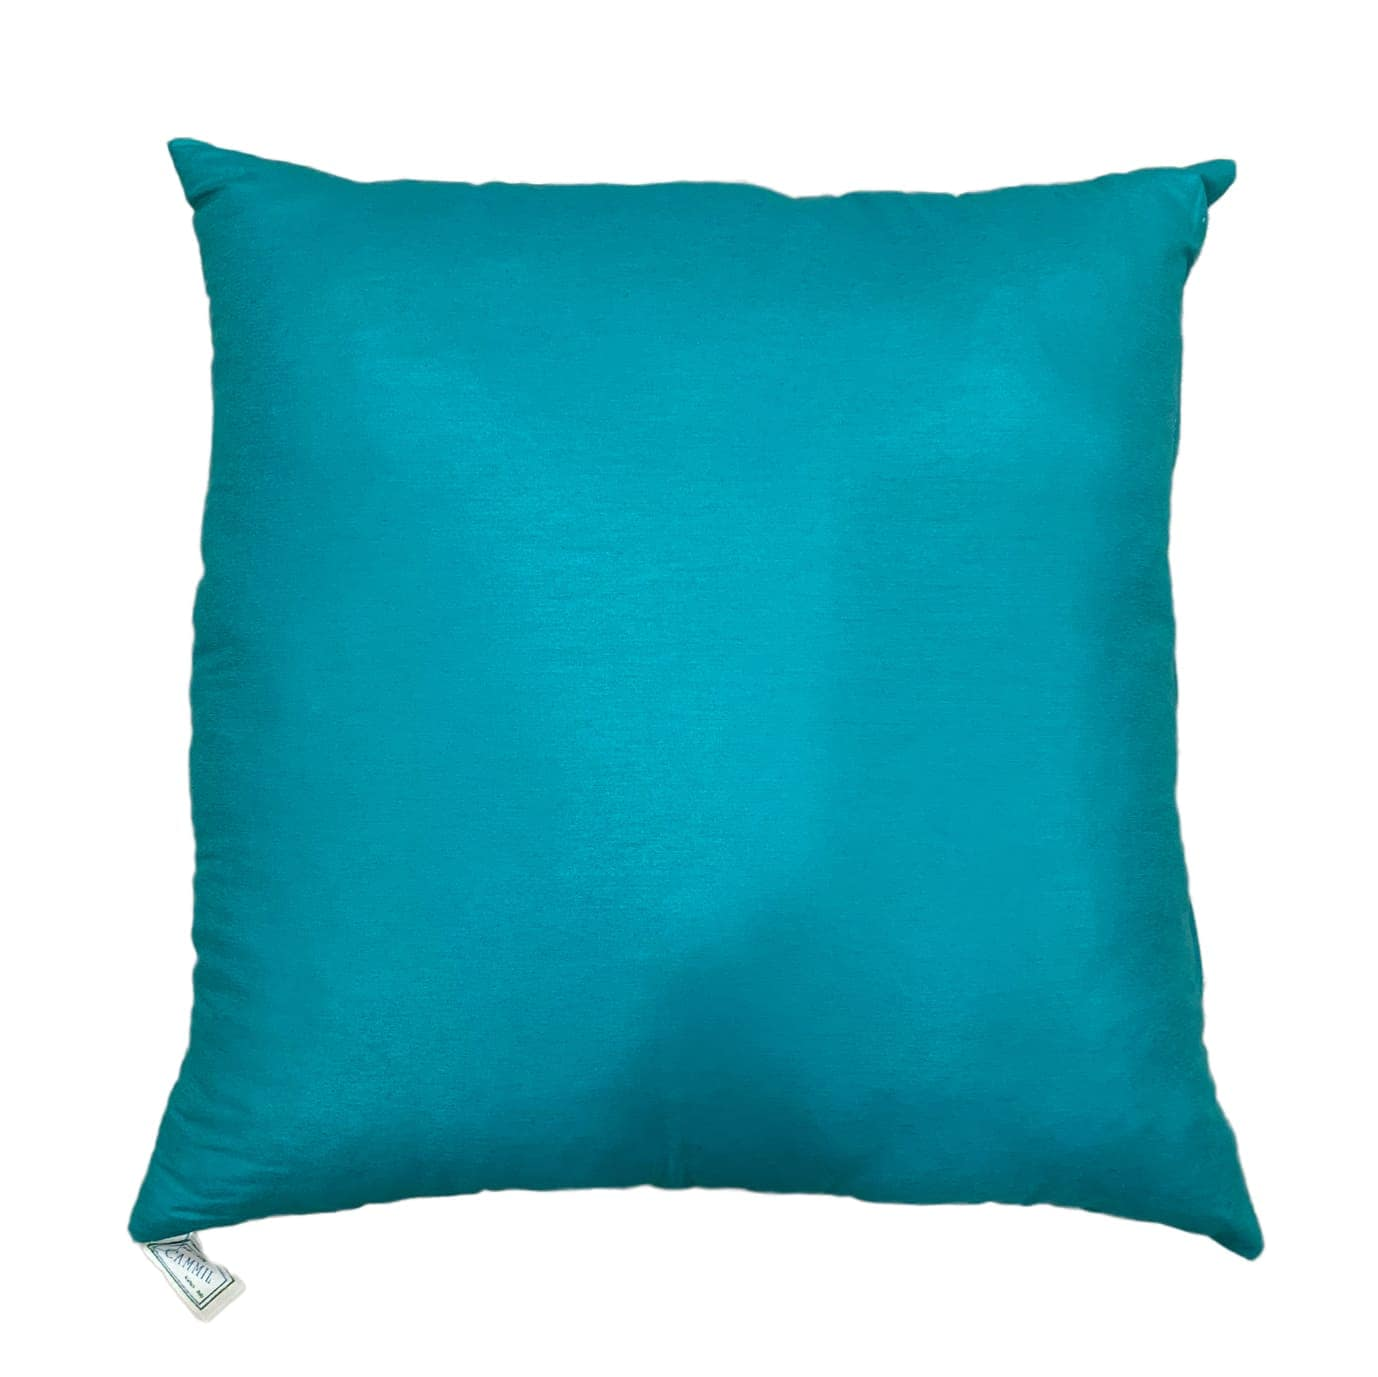 Cuscini Azzurri.Cuscino Tina Unita Chintz Per Divani E Letti Plumex Shop